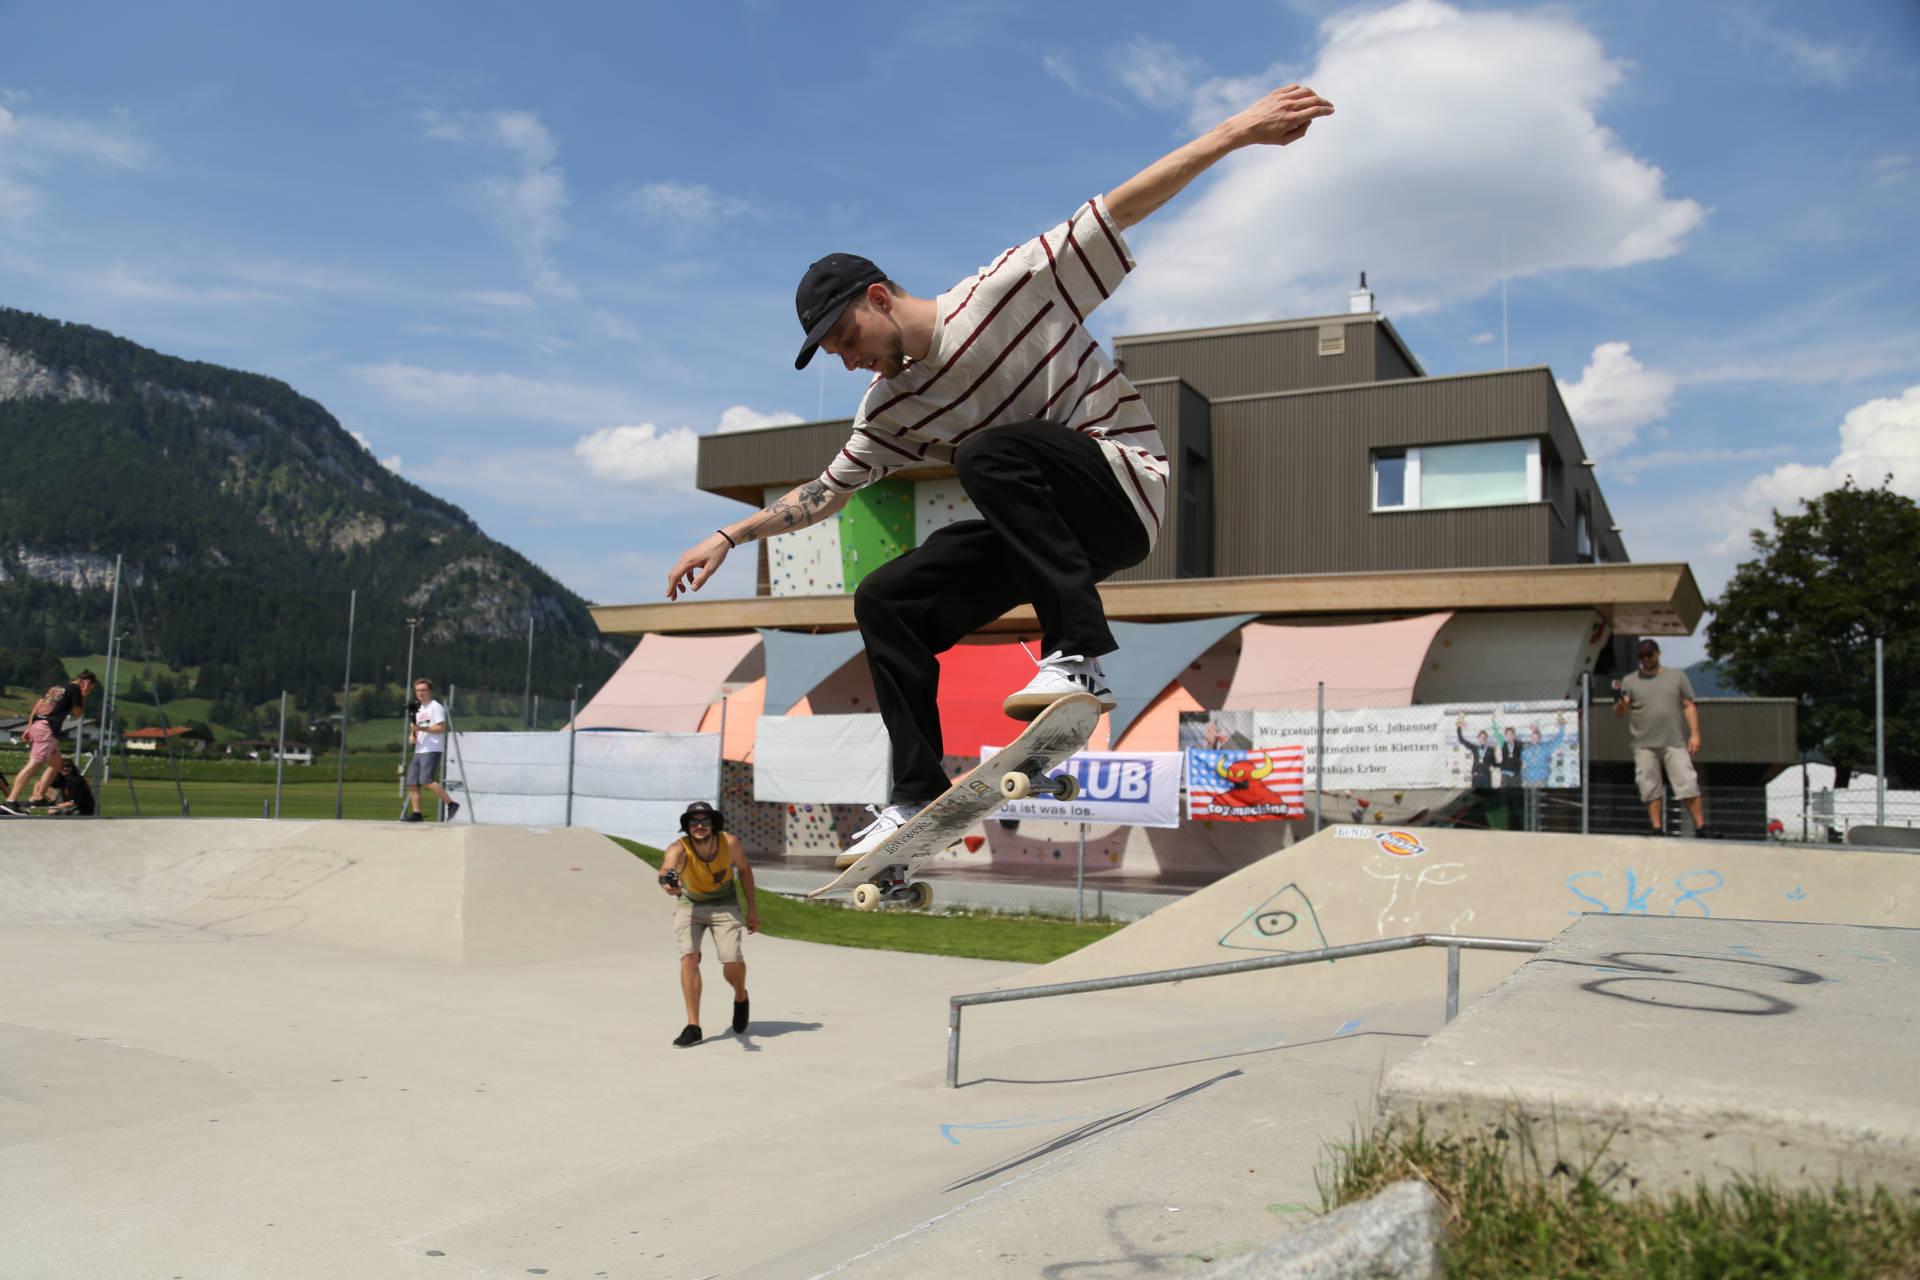 skateboardheadz st johann in tirol kgt 2019 finale 00111